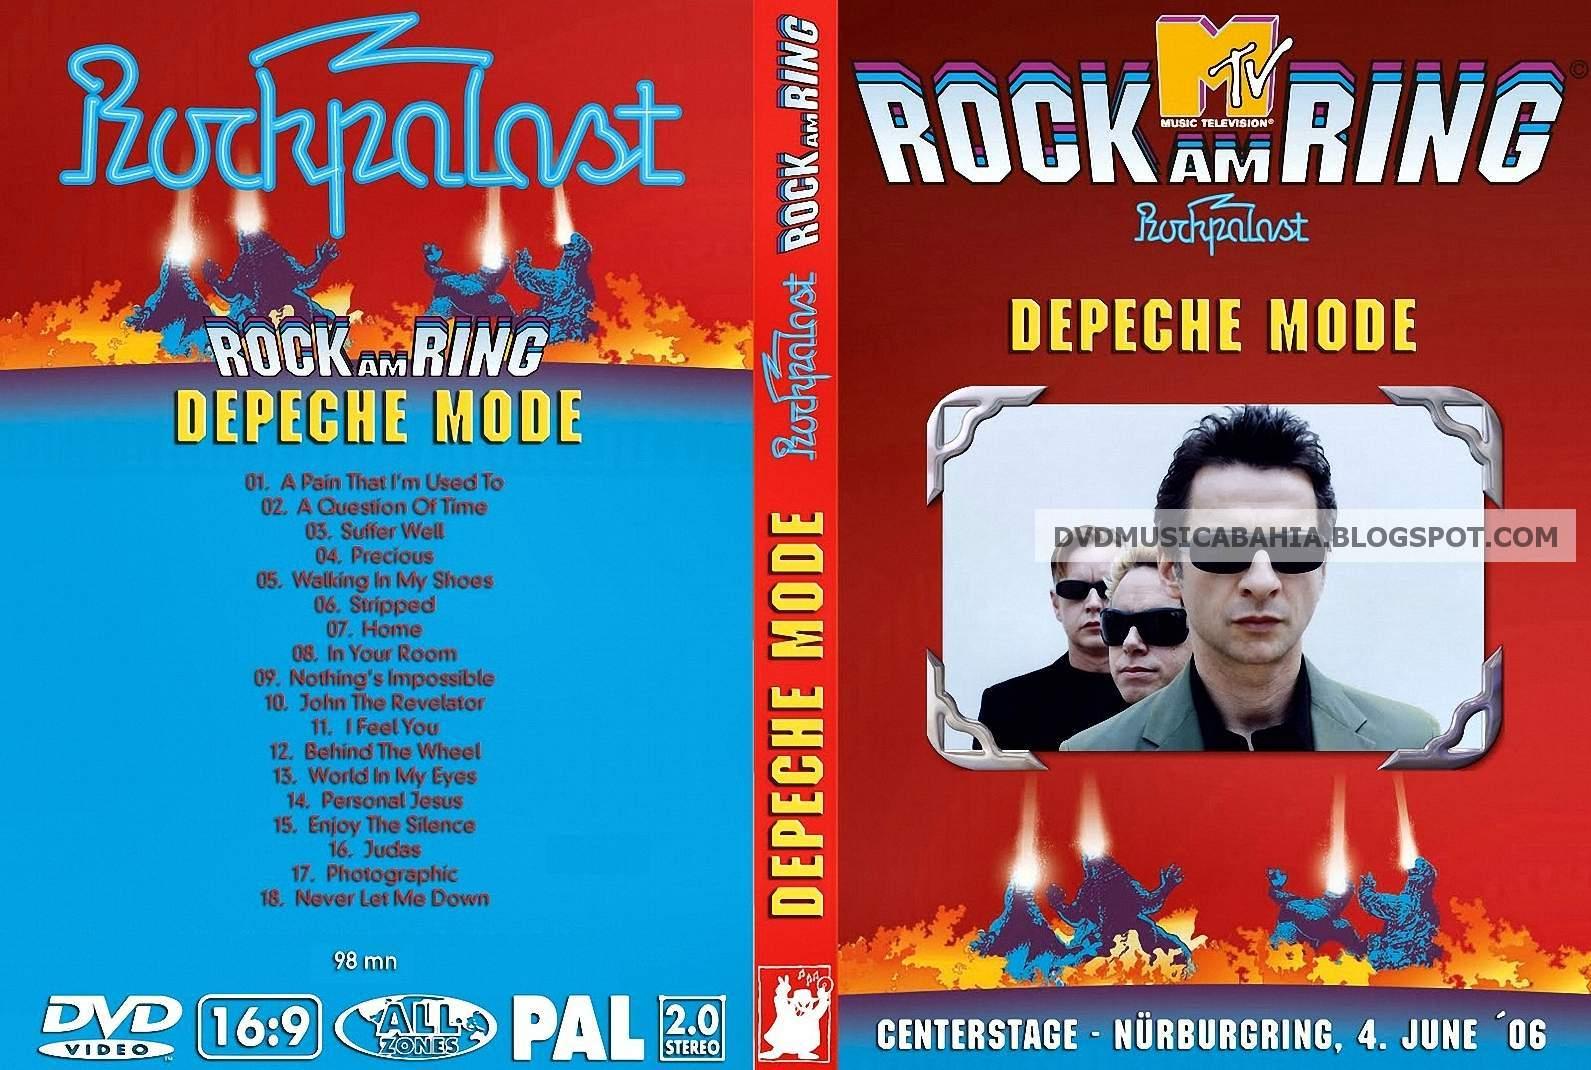 http://3.bp.blogspot.com/-J_T0ABosjZg/TWLyO4zvIXI/AAAAAAAABfw/4_UWhlVXWO0/s1600/Depeche+Mode+-+Live+At+Rock+Am+Ring+2006+cover.jpg